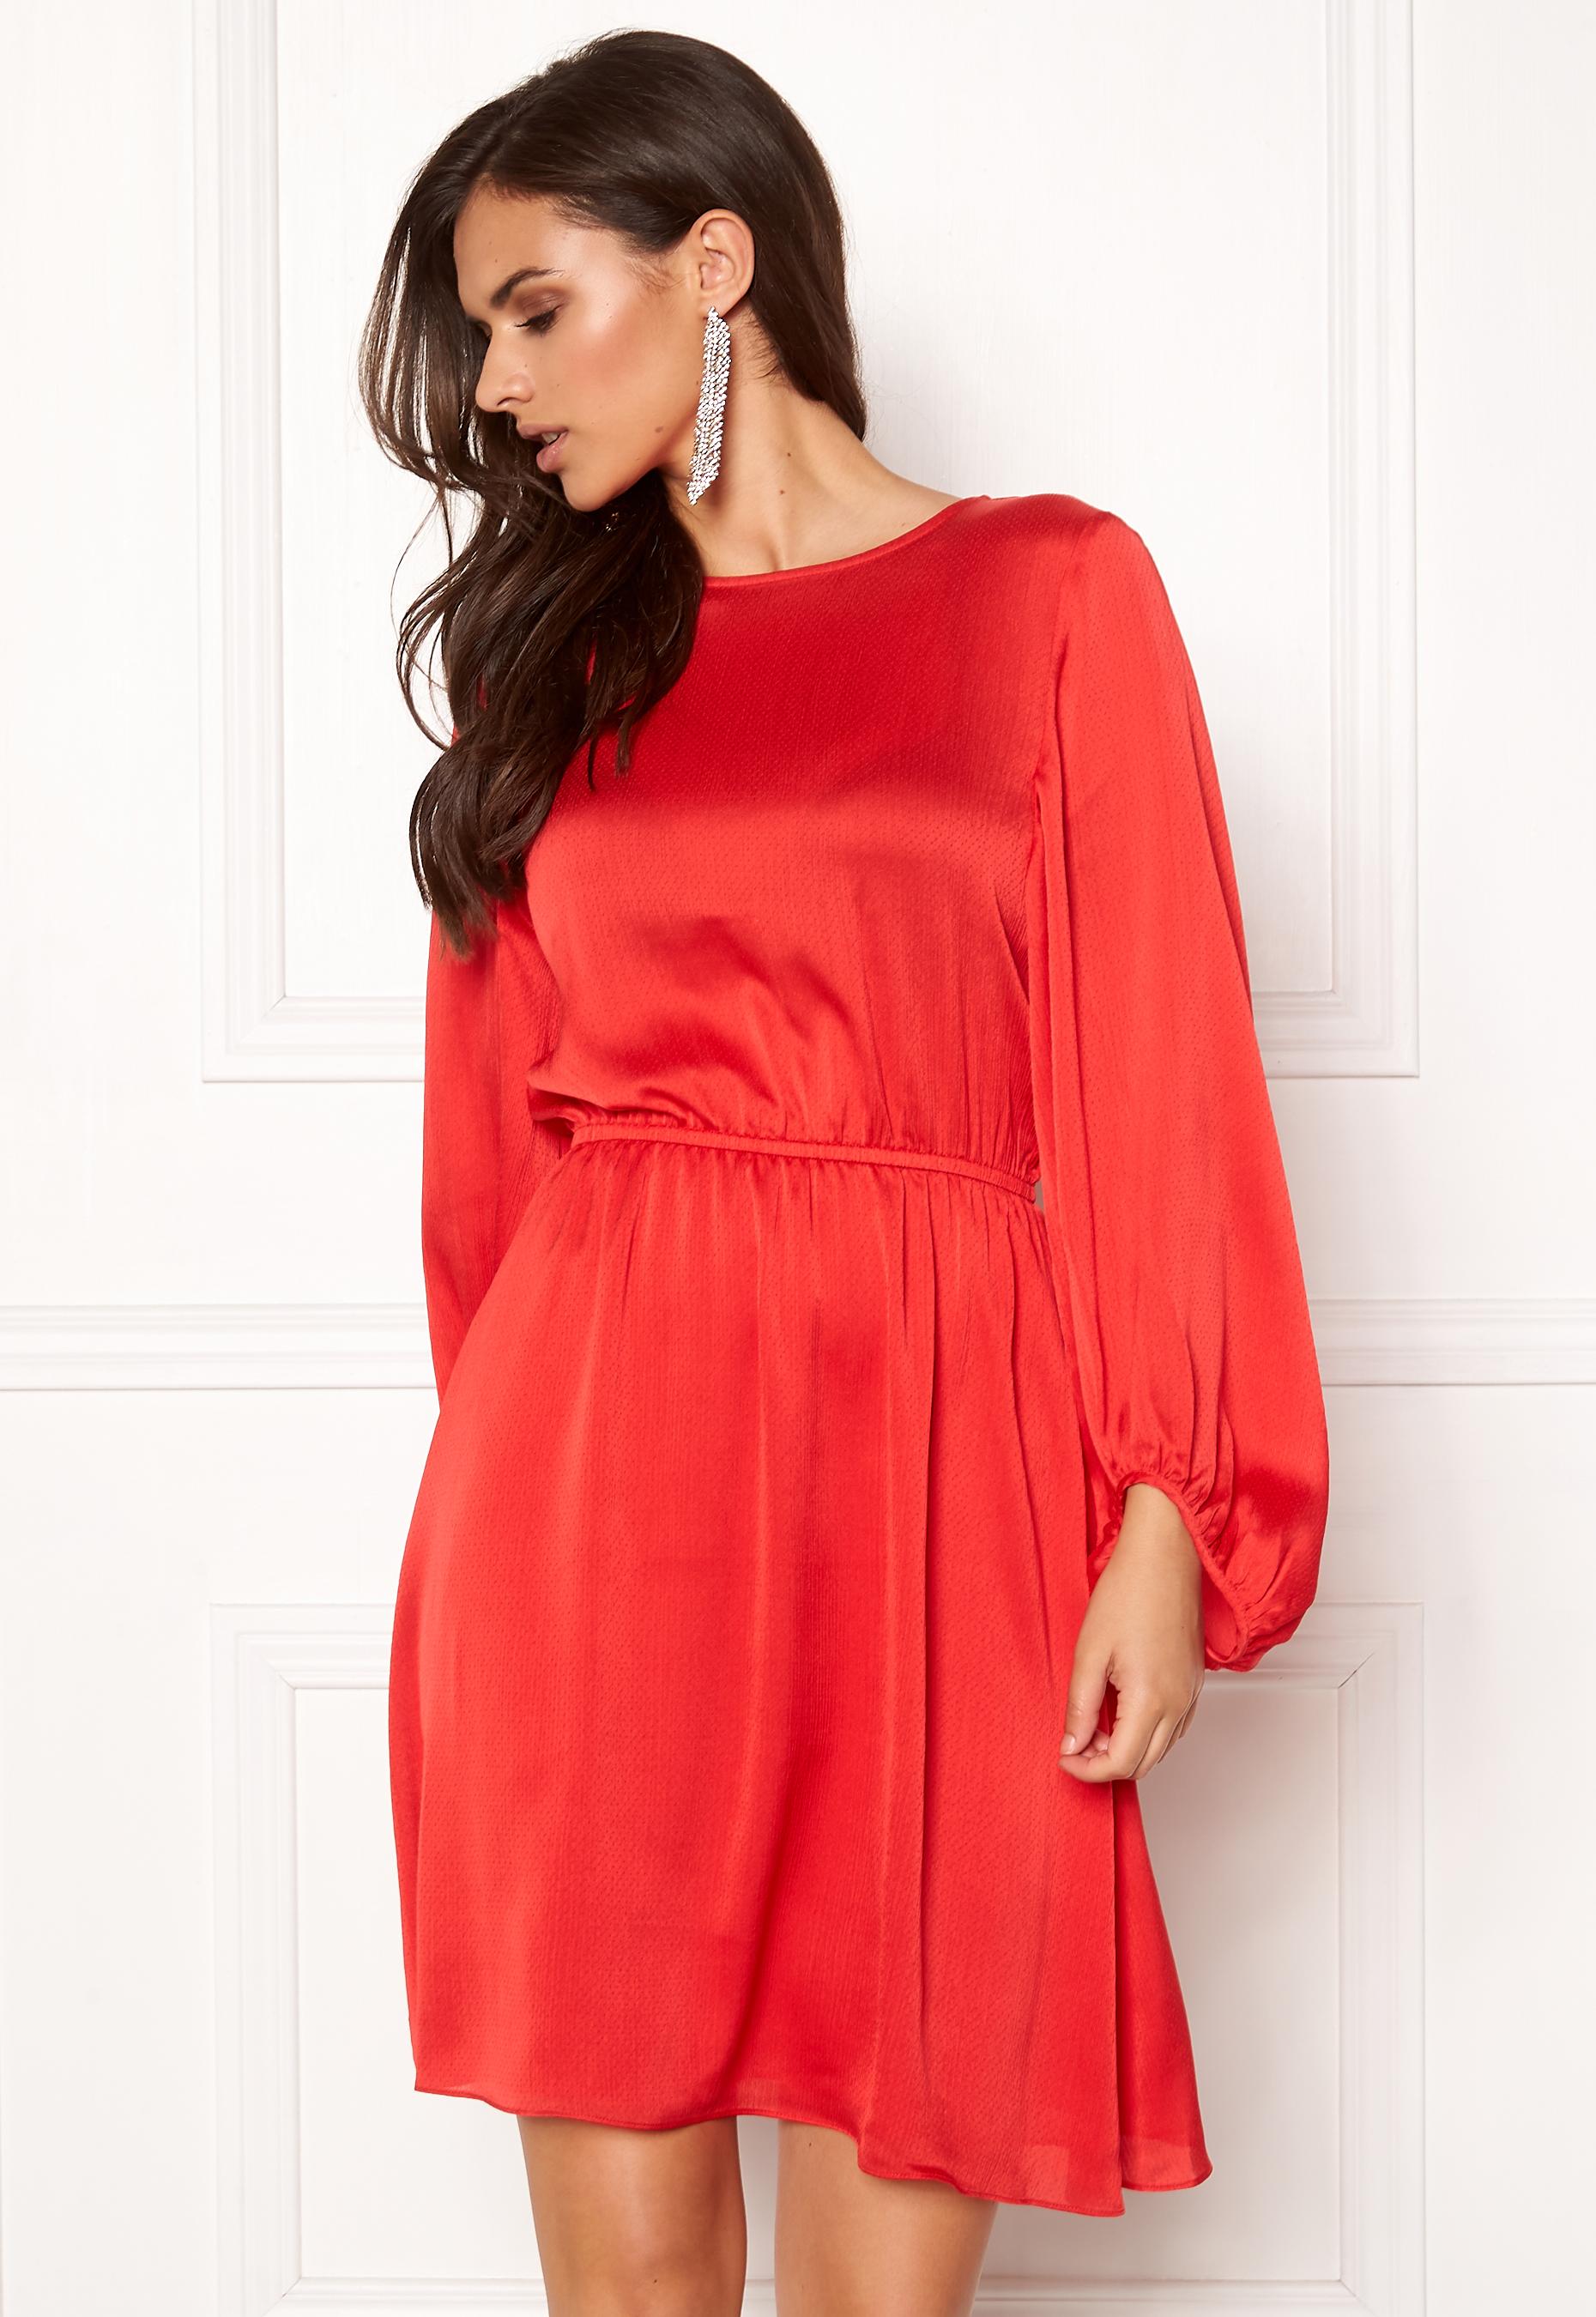 ad19d941bffe Twist   Tango Serena Dress Raspberry Red - Bubbleroom